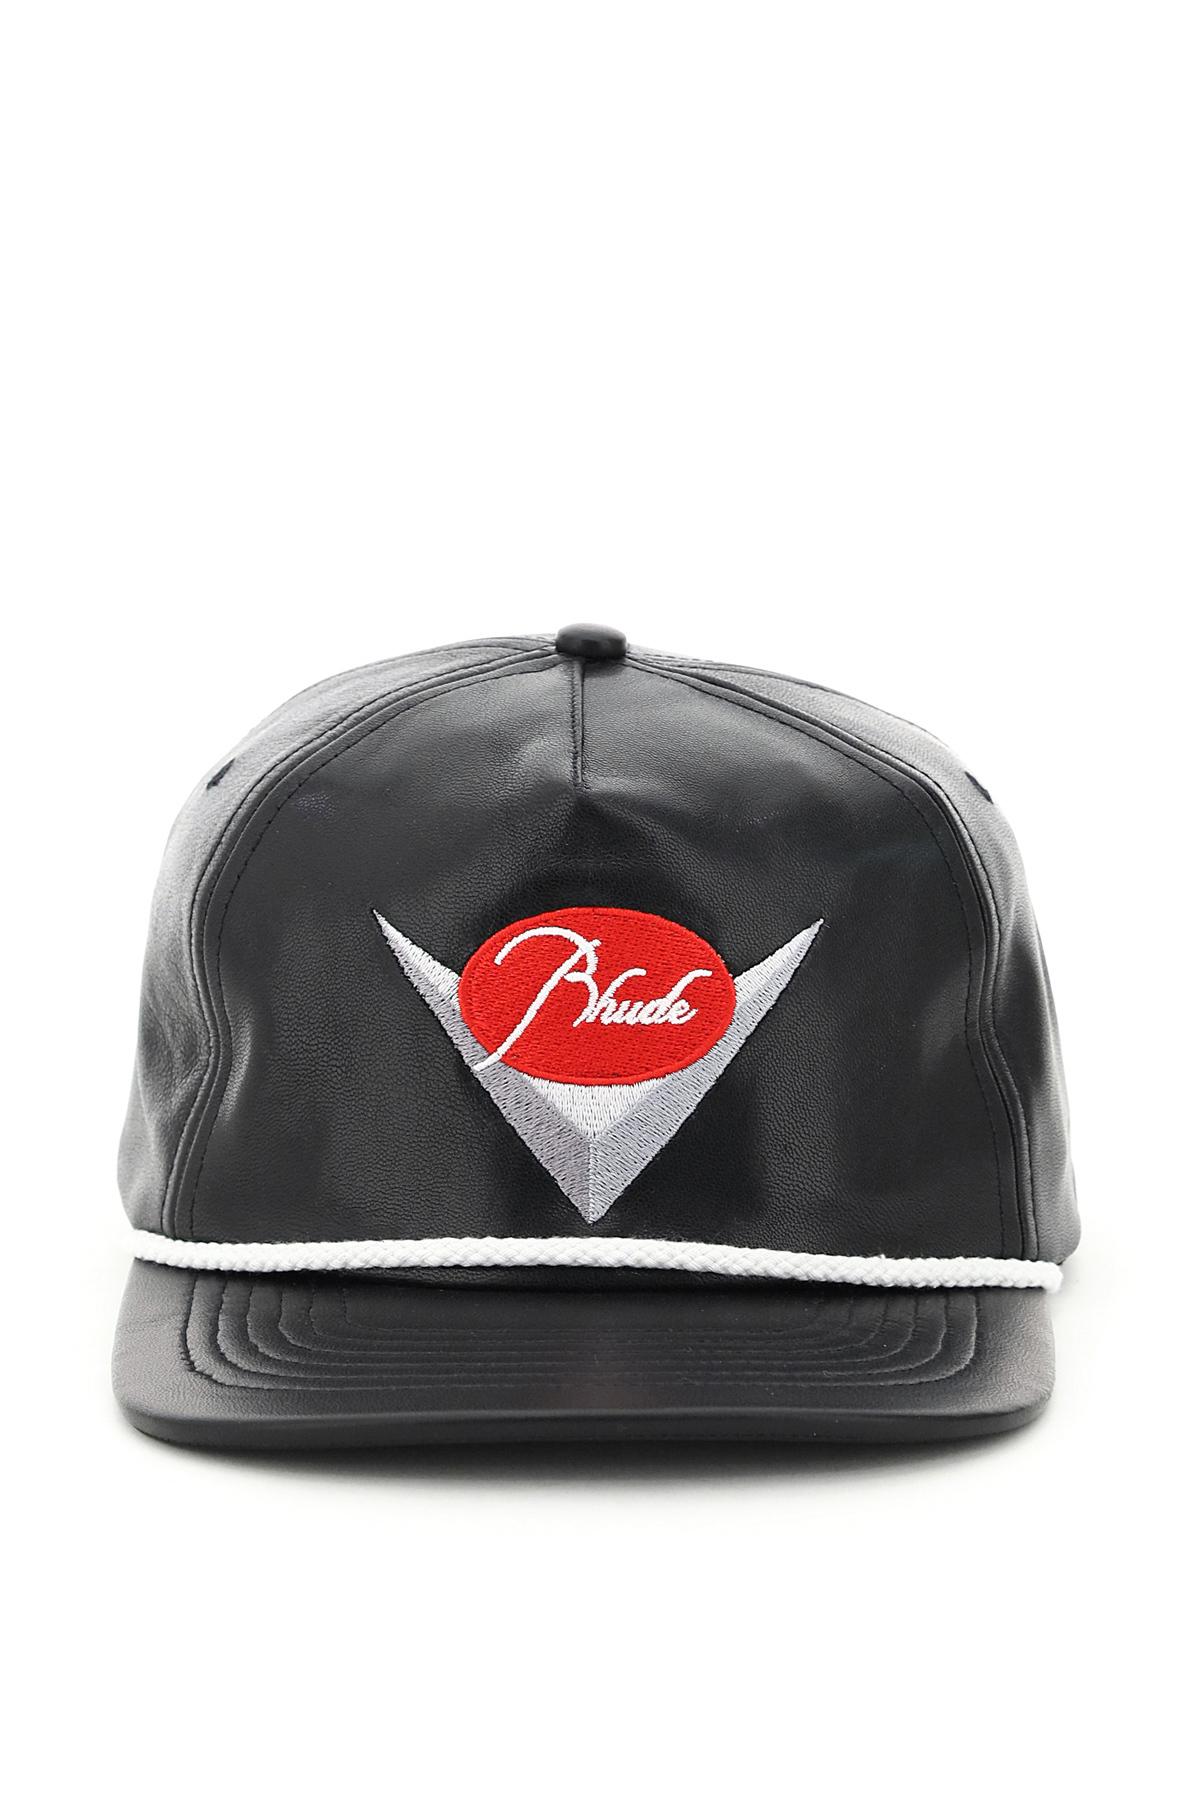 Rhude cappello baseball in pelle ricamo logo